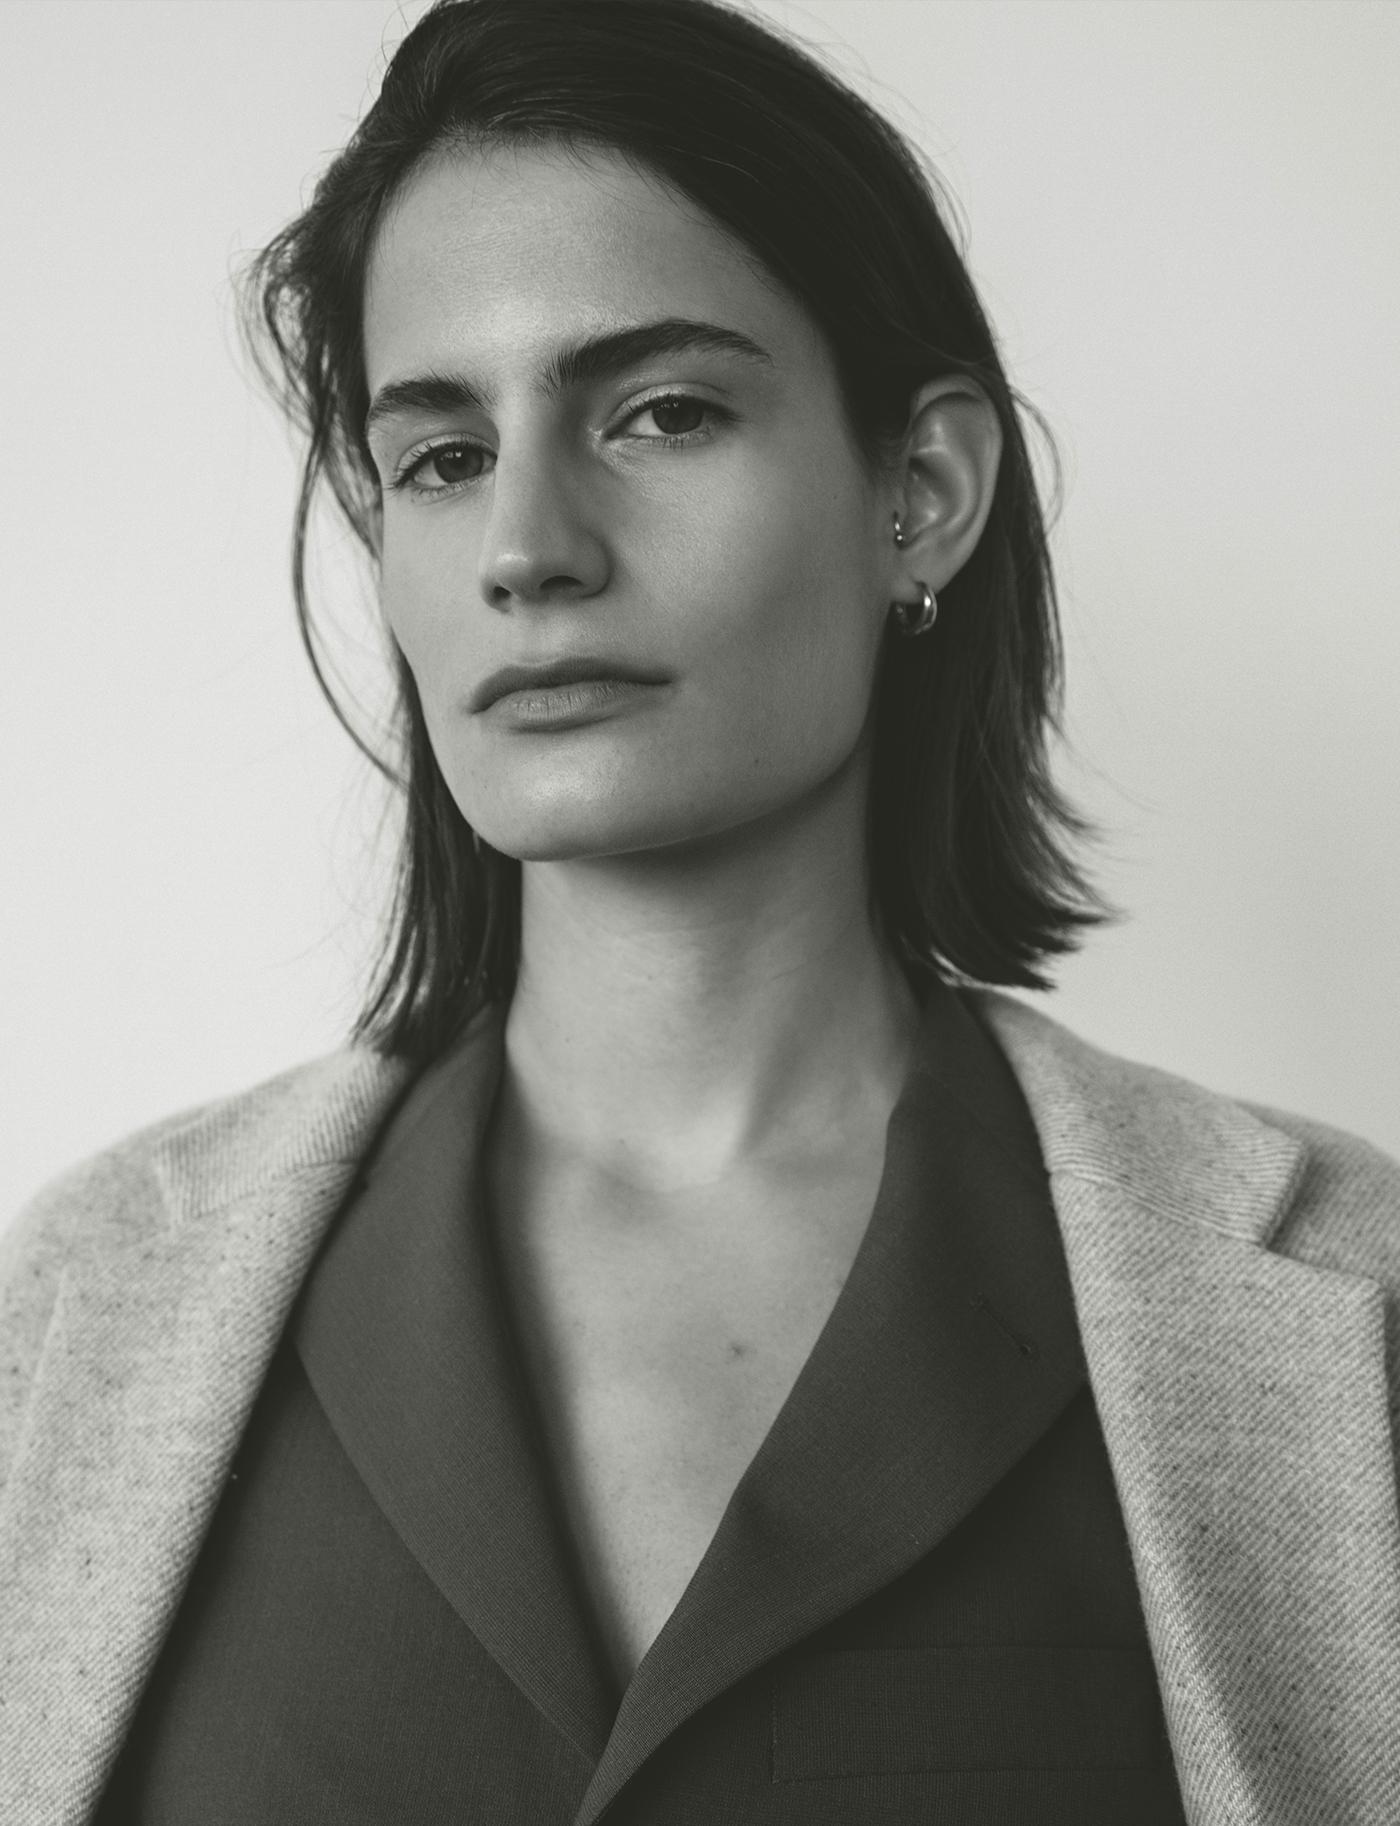 STEPHANIE LALEVA